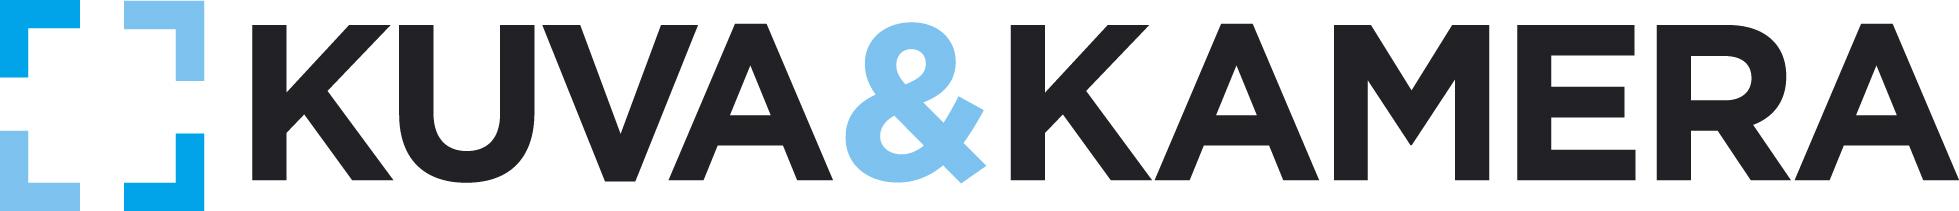 kuvakamera_logo